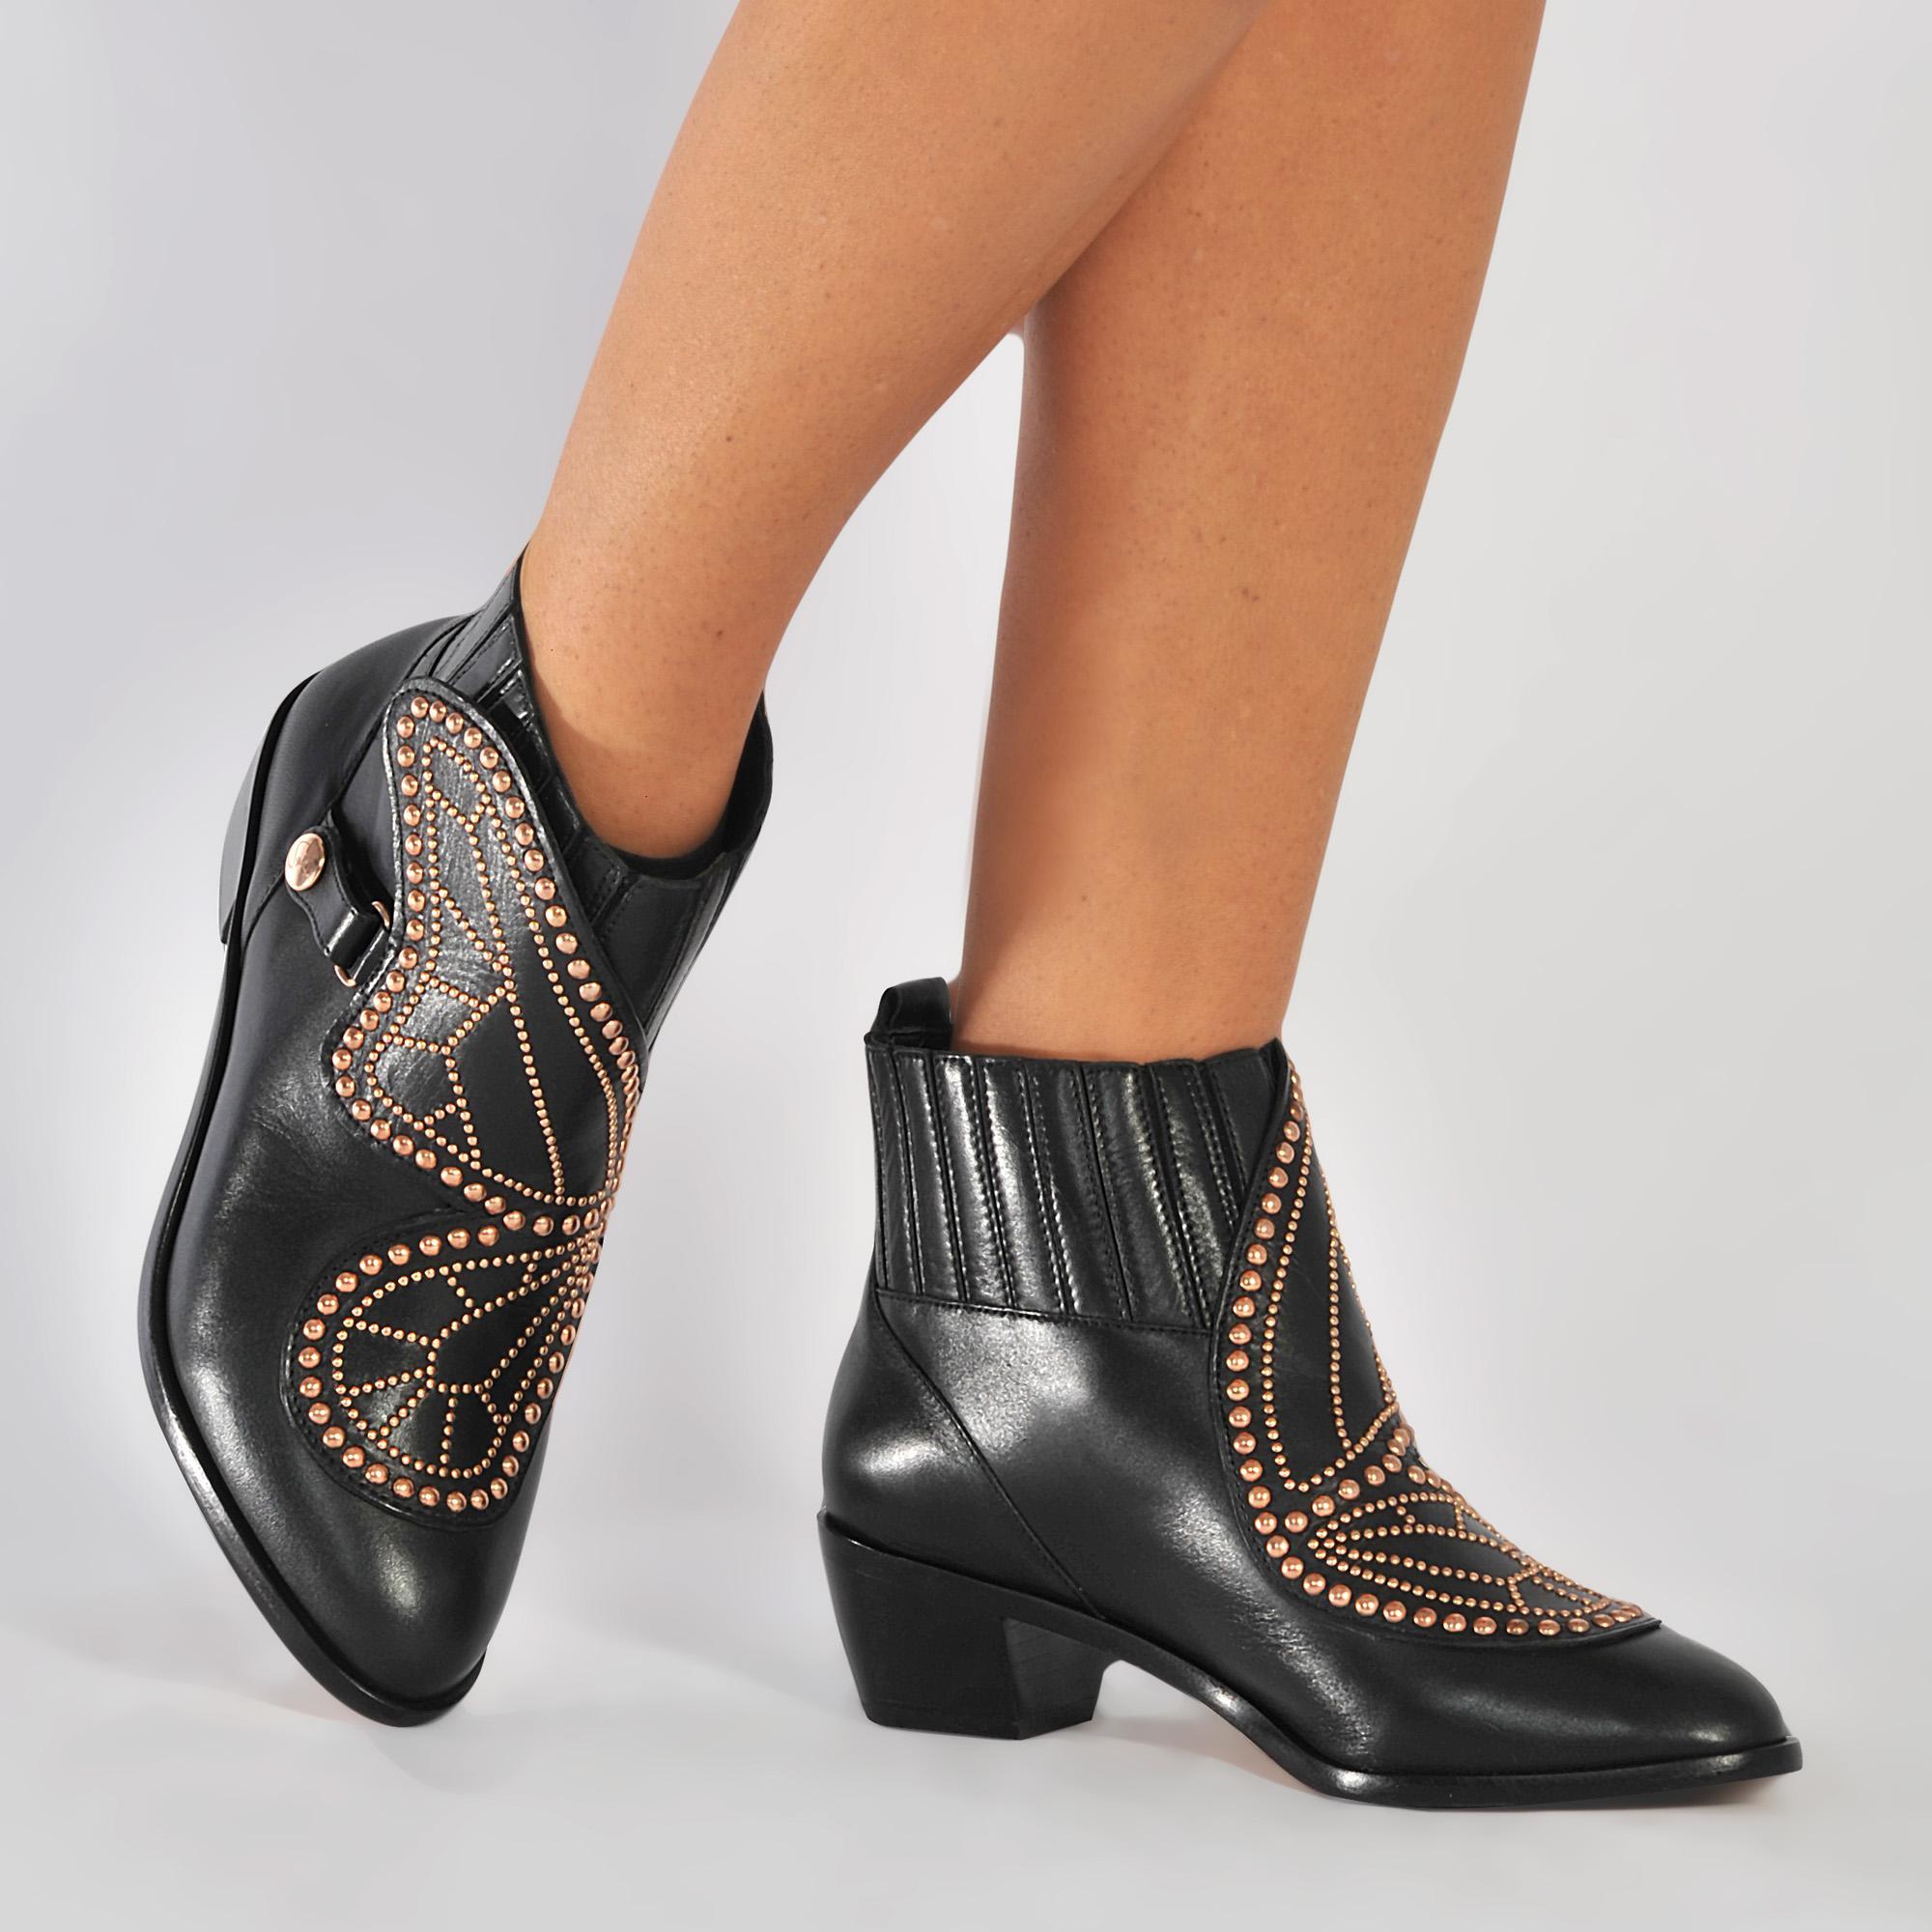 f55f4761ea1 Sophia Webster Karina Butterfly Boot in Black - Lyst